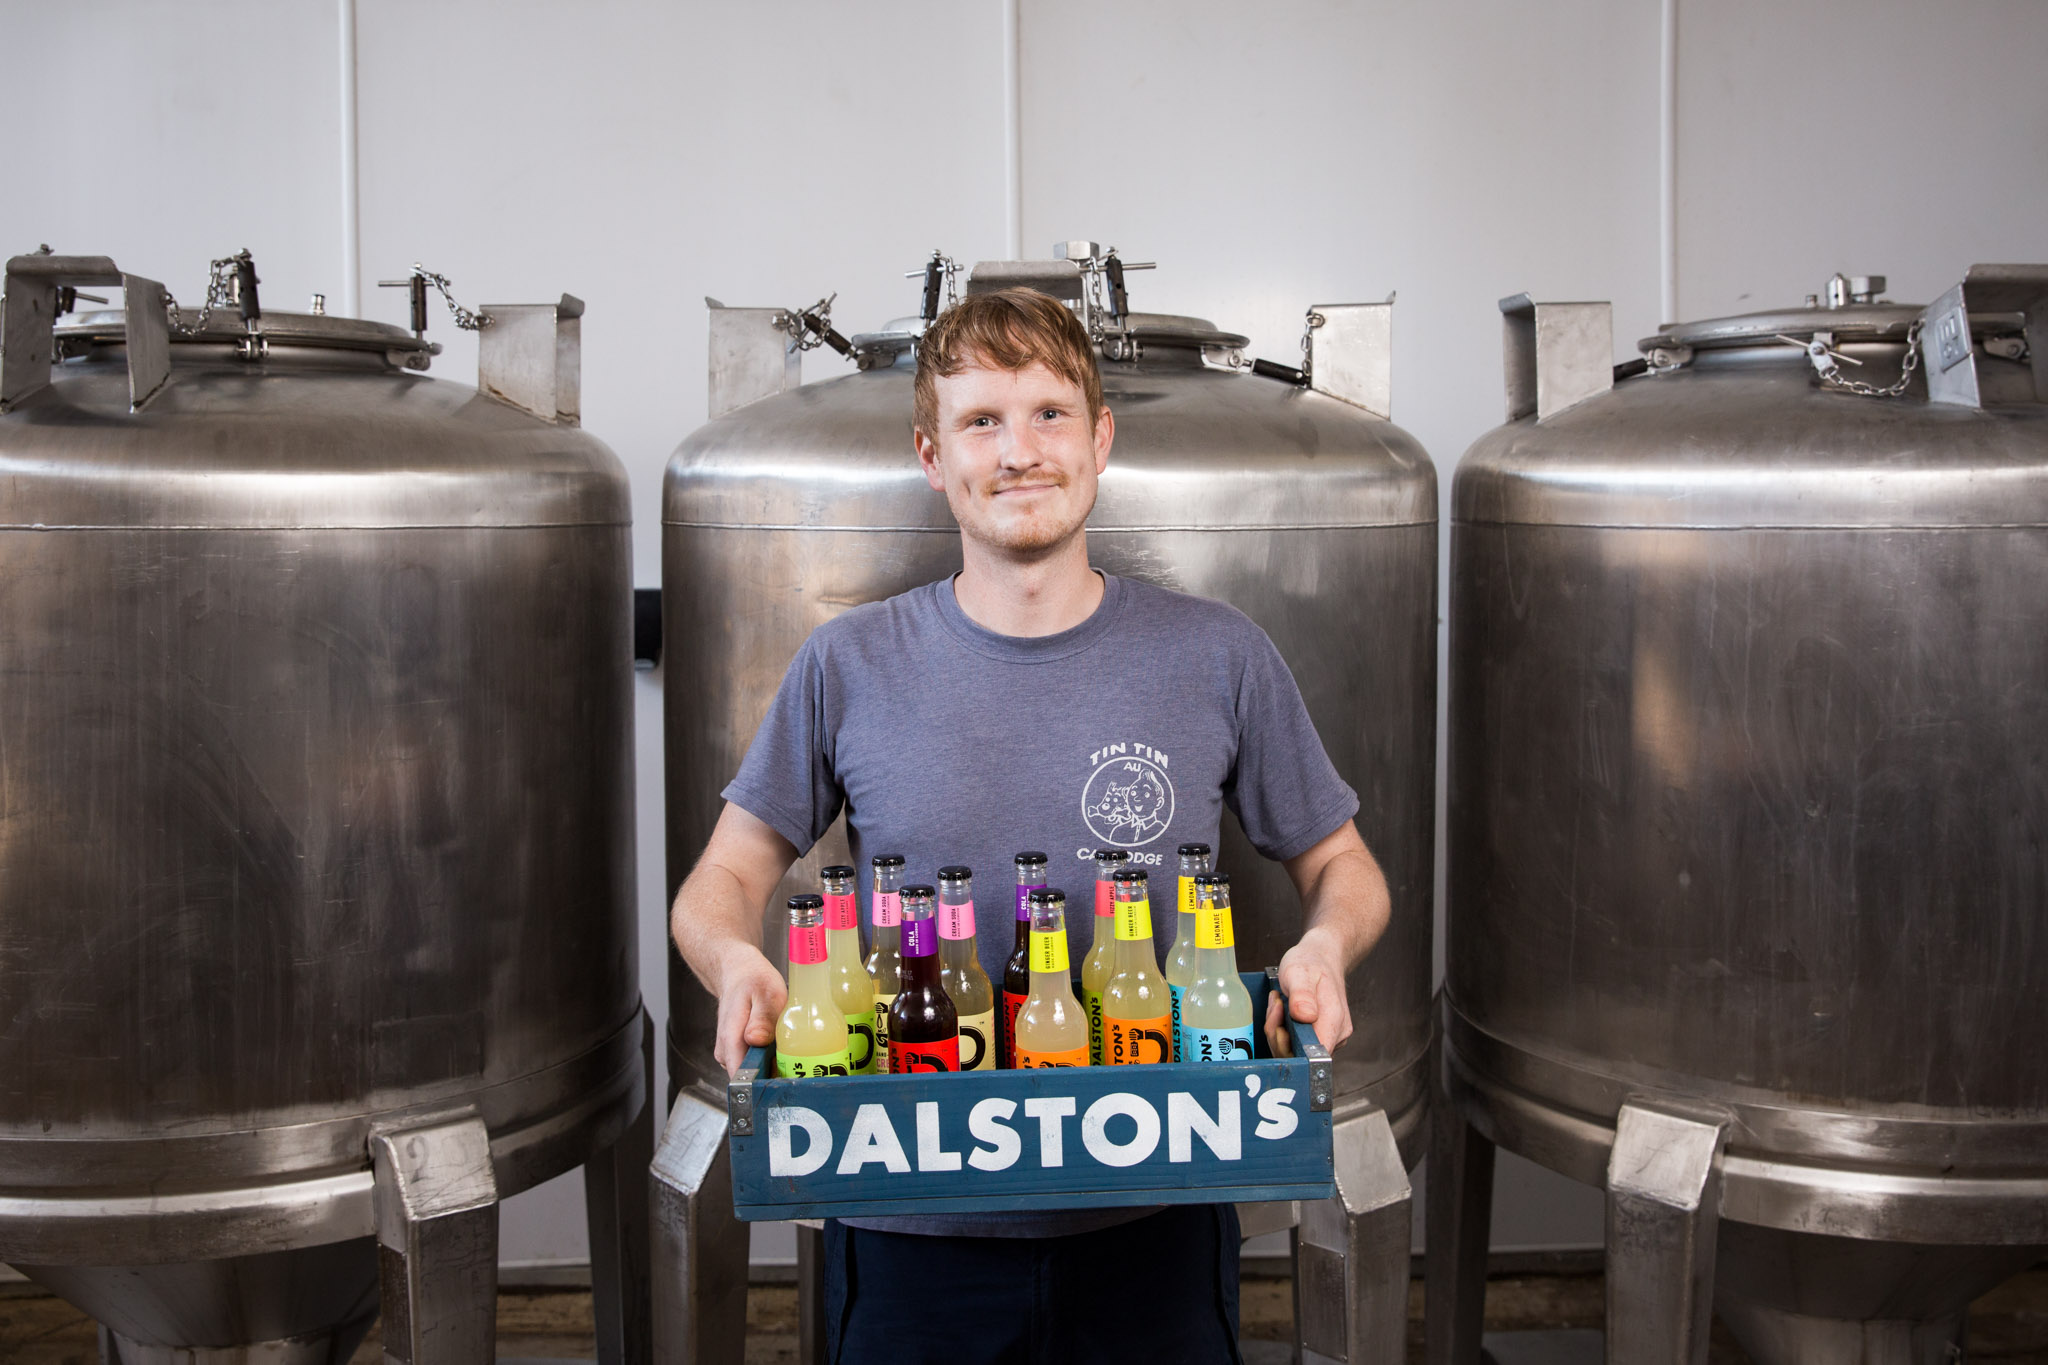 Dalston Cola